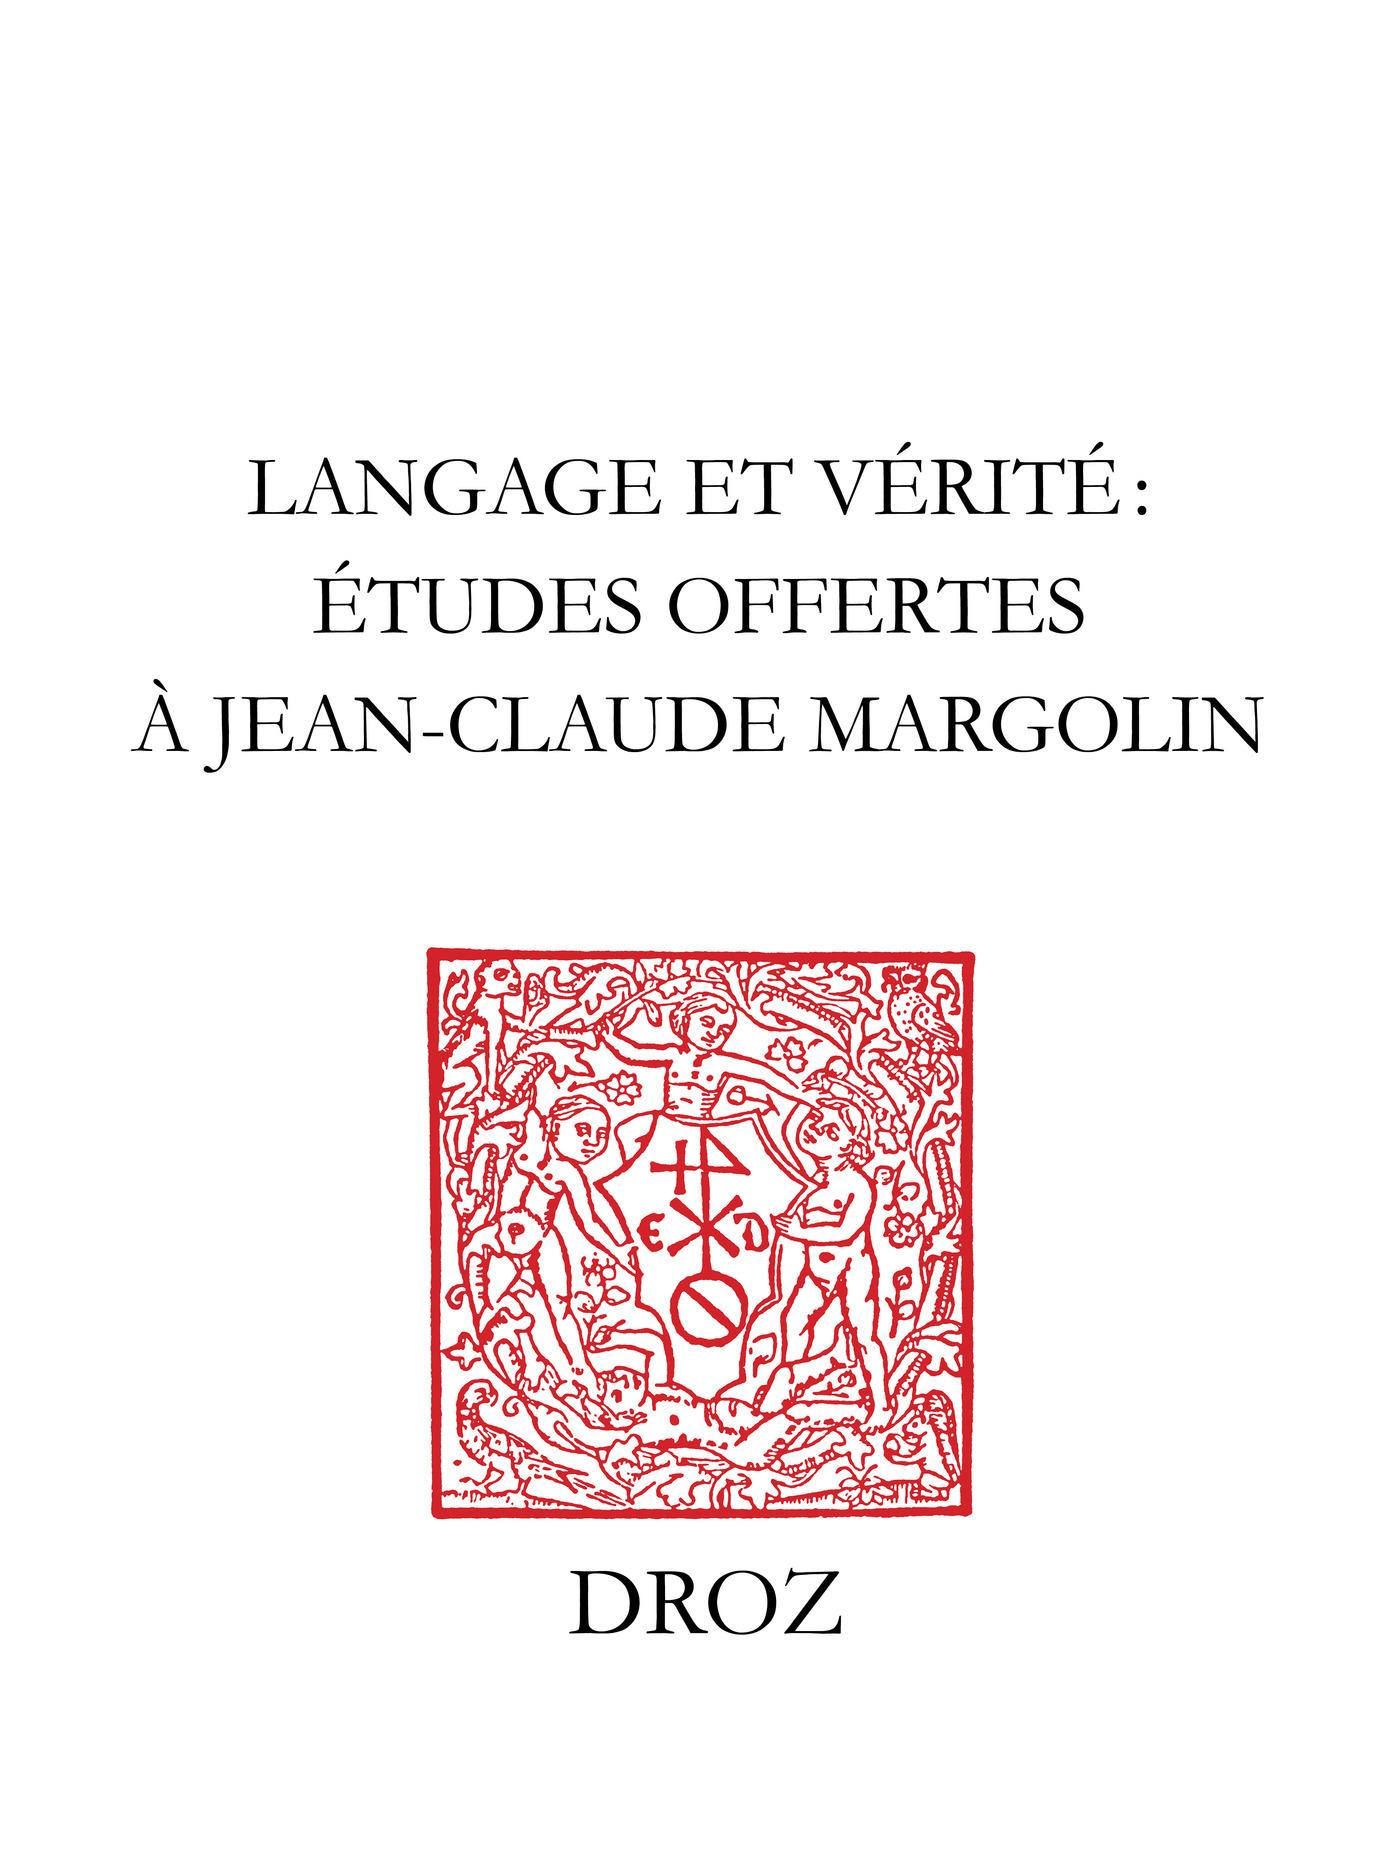 Langage et vérité  - Gérard Defaux  - M. Cytowska  - J. Delumeau  - Marie-Luce Demonet-L  - Pierre Aquilon  - Paulette Choné  - Jesus Martinez de Bujanda